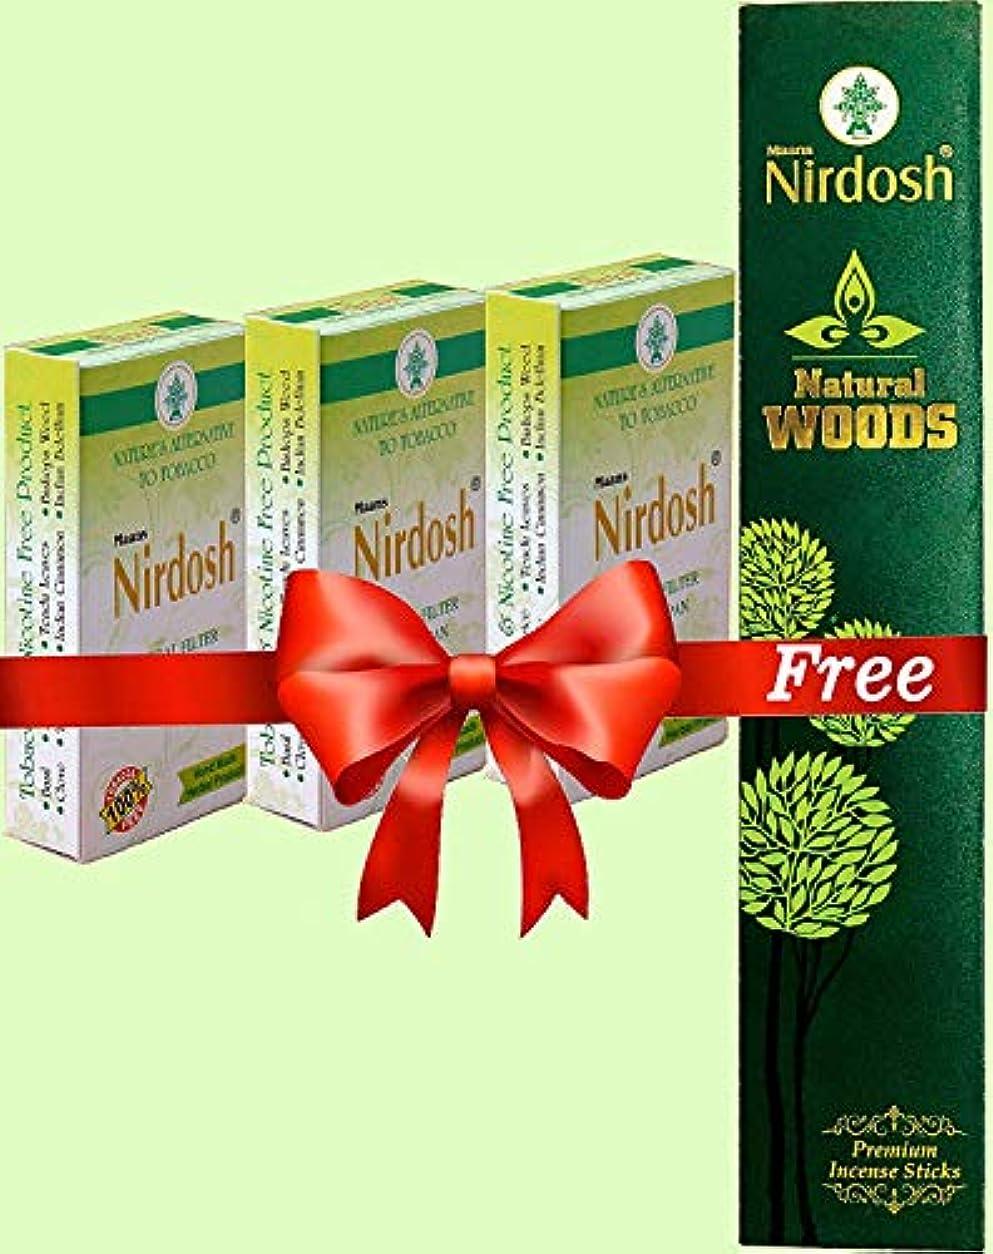 おとなしい住所アブセイNirdosh Herbal Dhoompan - Pack of 3x10 Sticks - Free Natural Woods Masala Incense Sticks 25g.